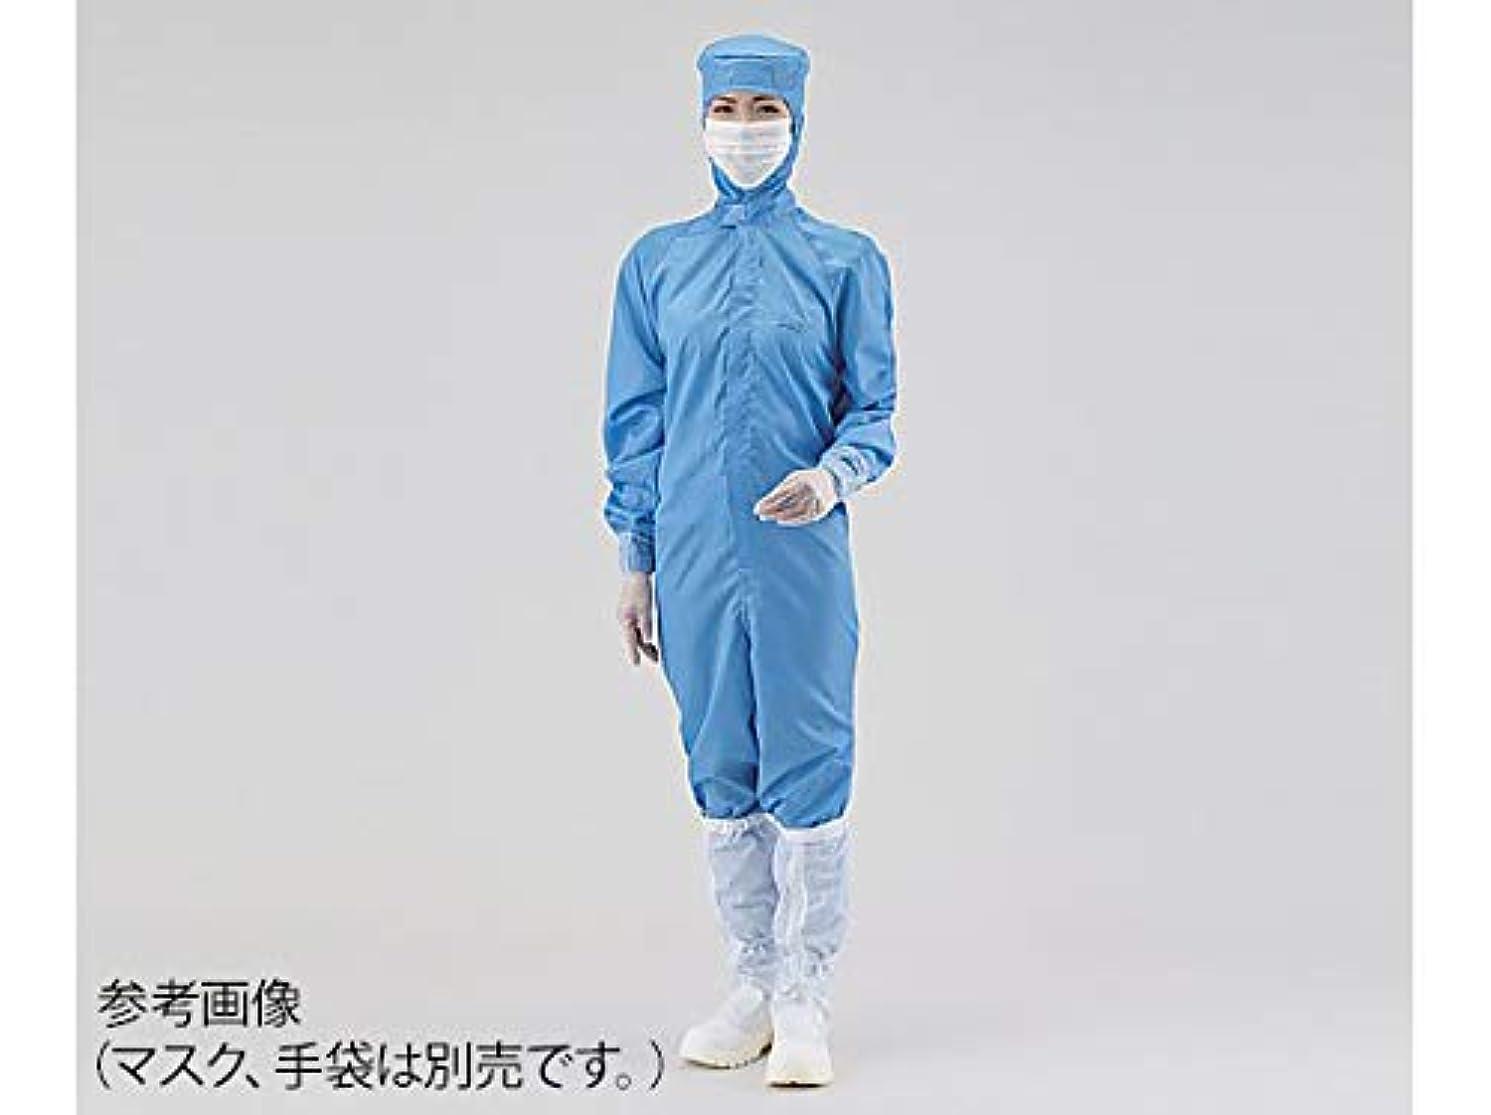 エイズ乱気流インキュバスアズワン クリーンスーツ(オールインワン) 2L 青 シューズ26.5cm /4-404-10